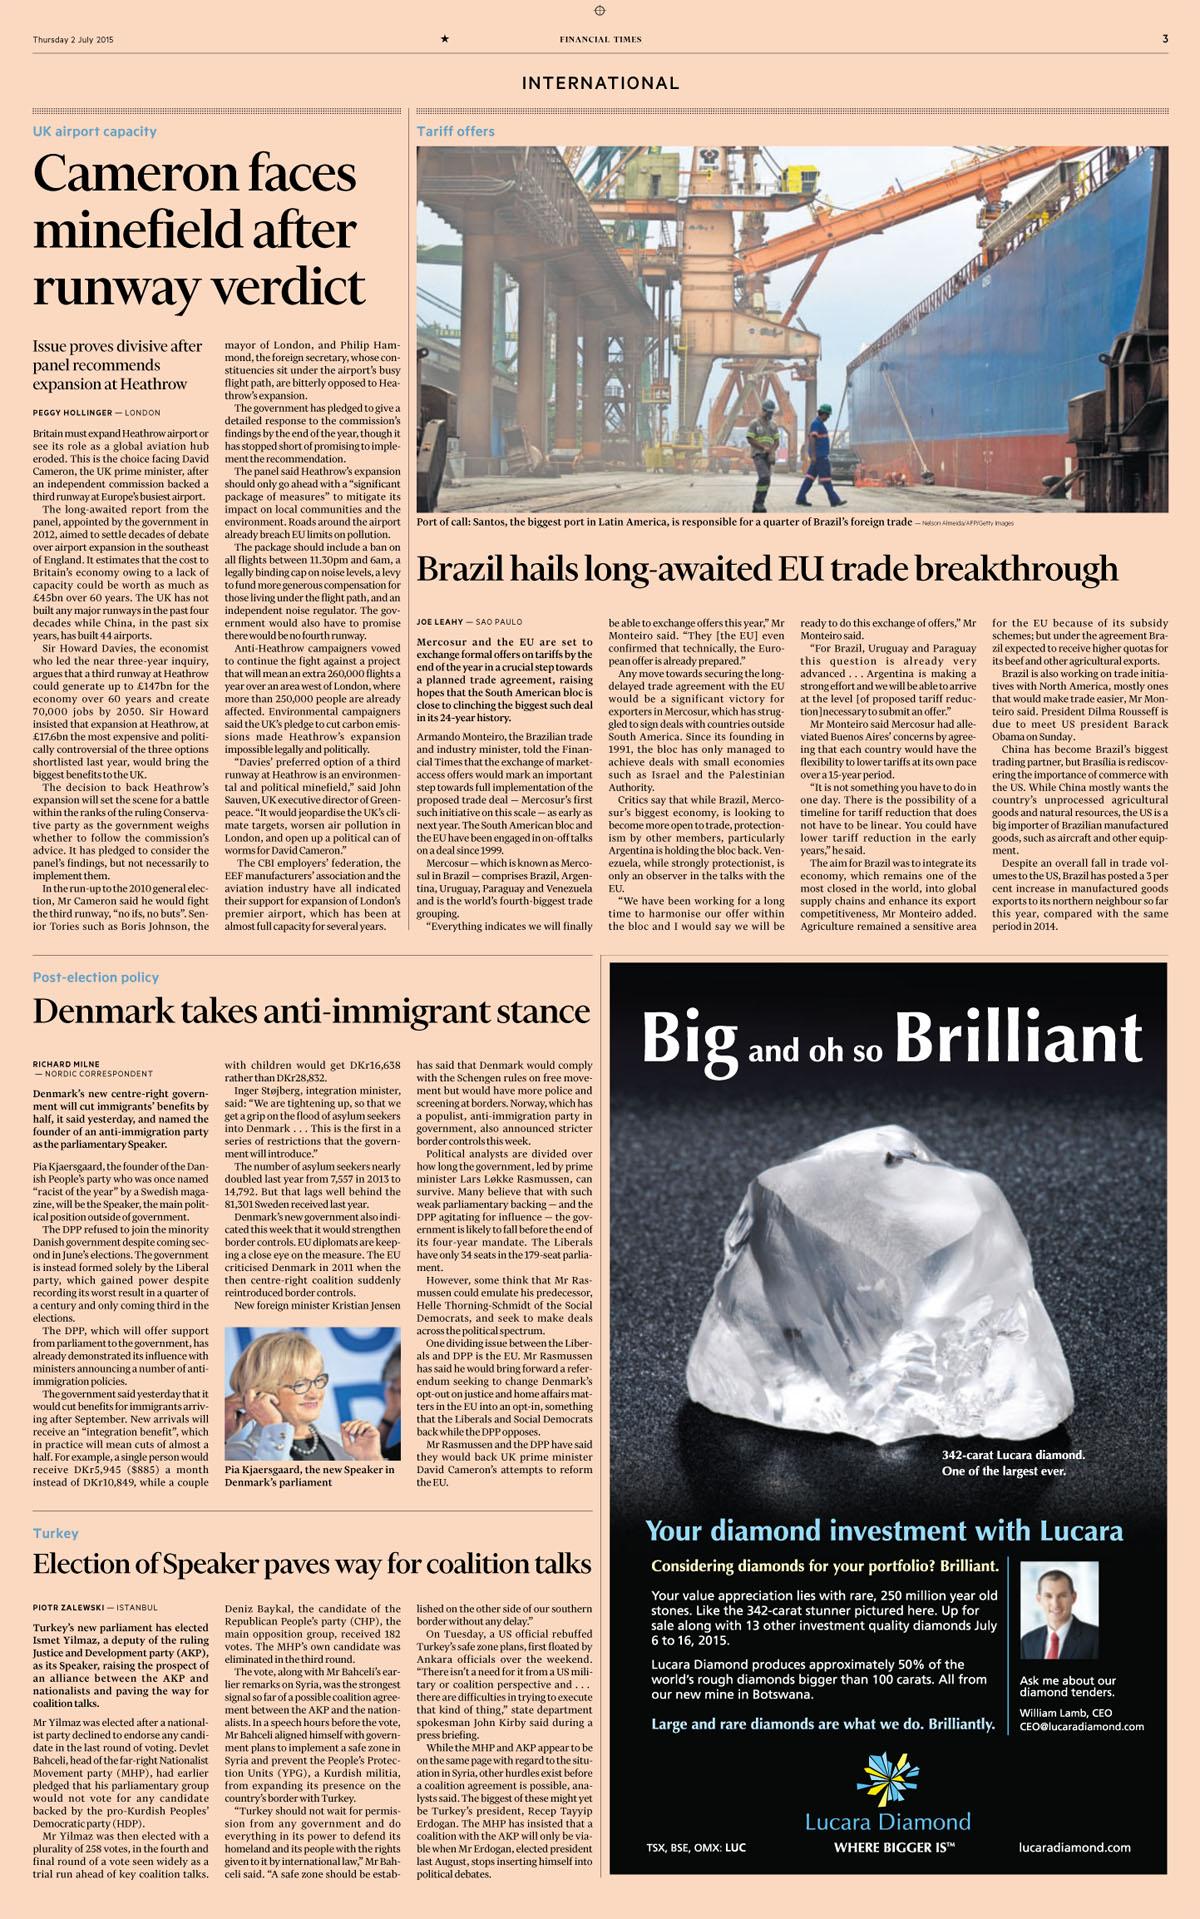 Lucara ad Financial Times.jpg